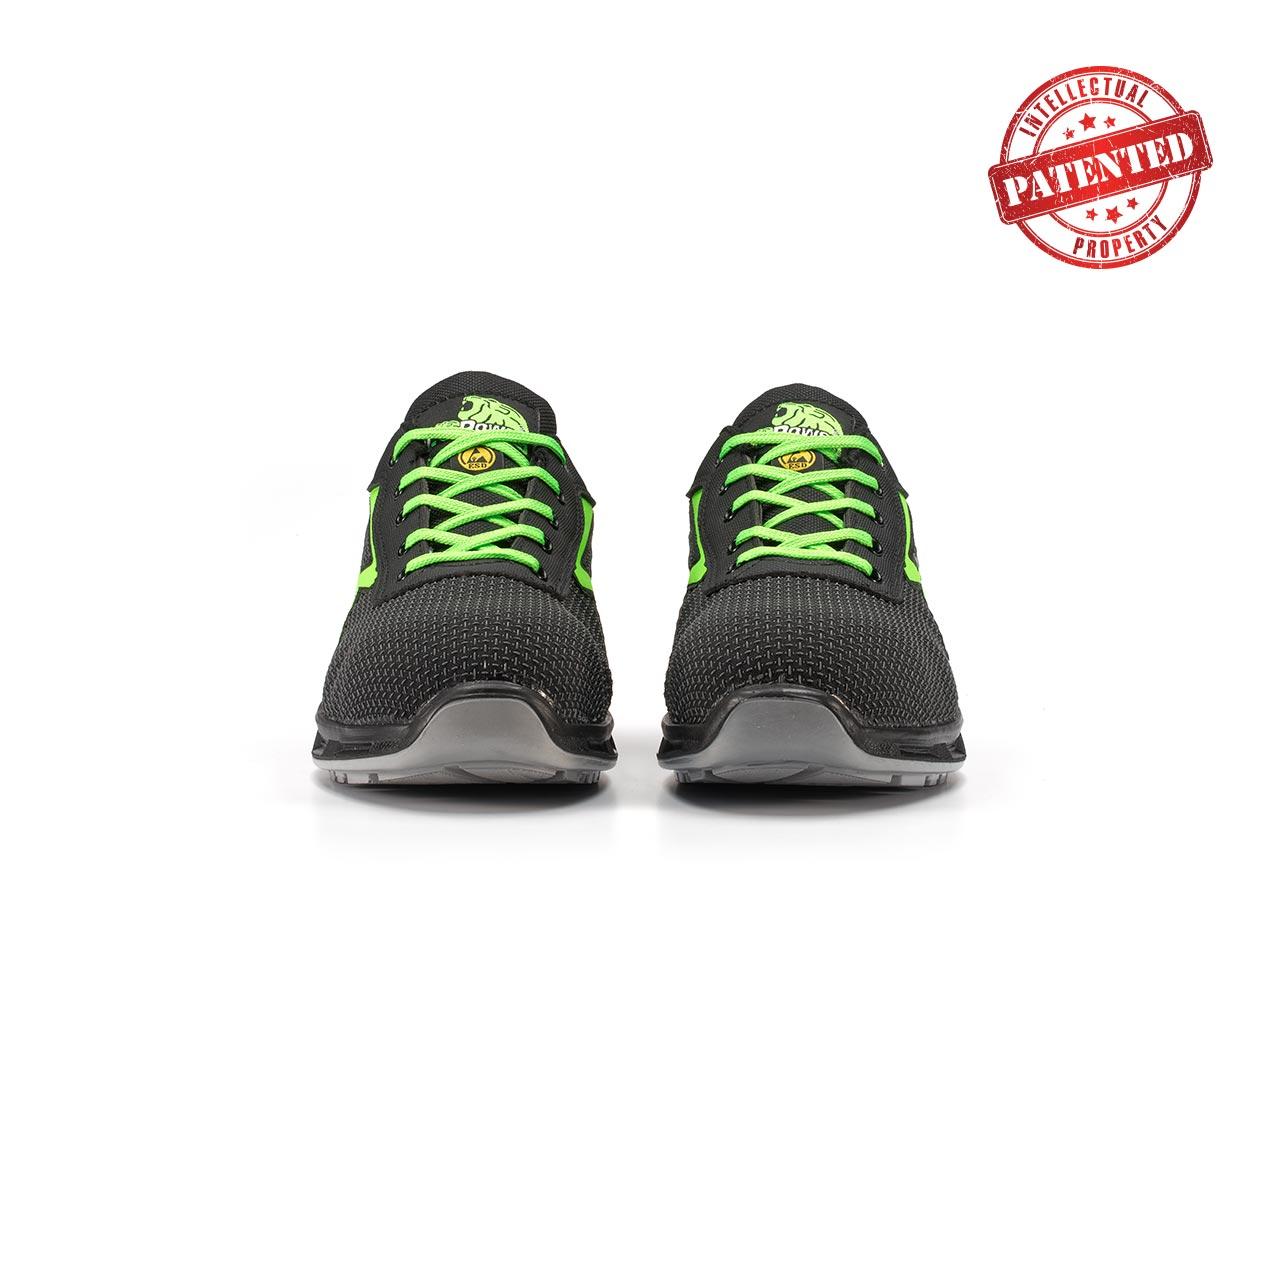 paio di scarpe antinfortunistiche upower modello strong linea redlion vista frontale